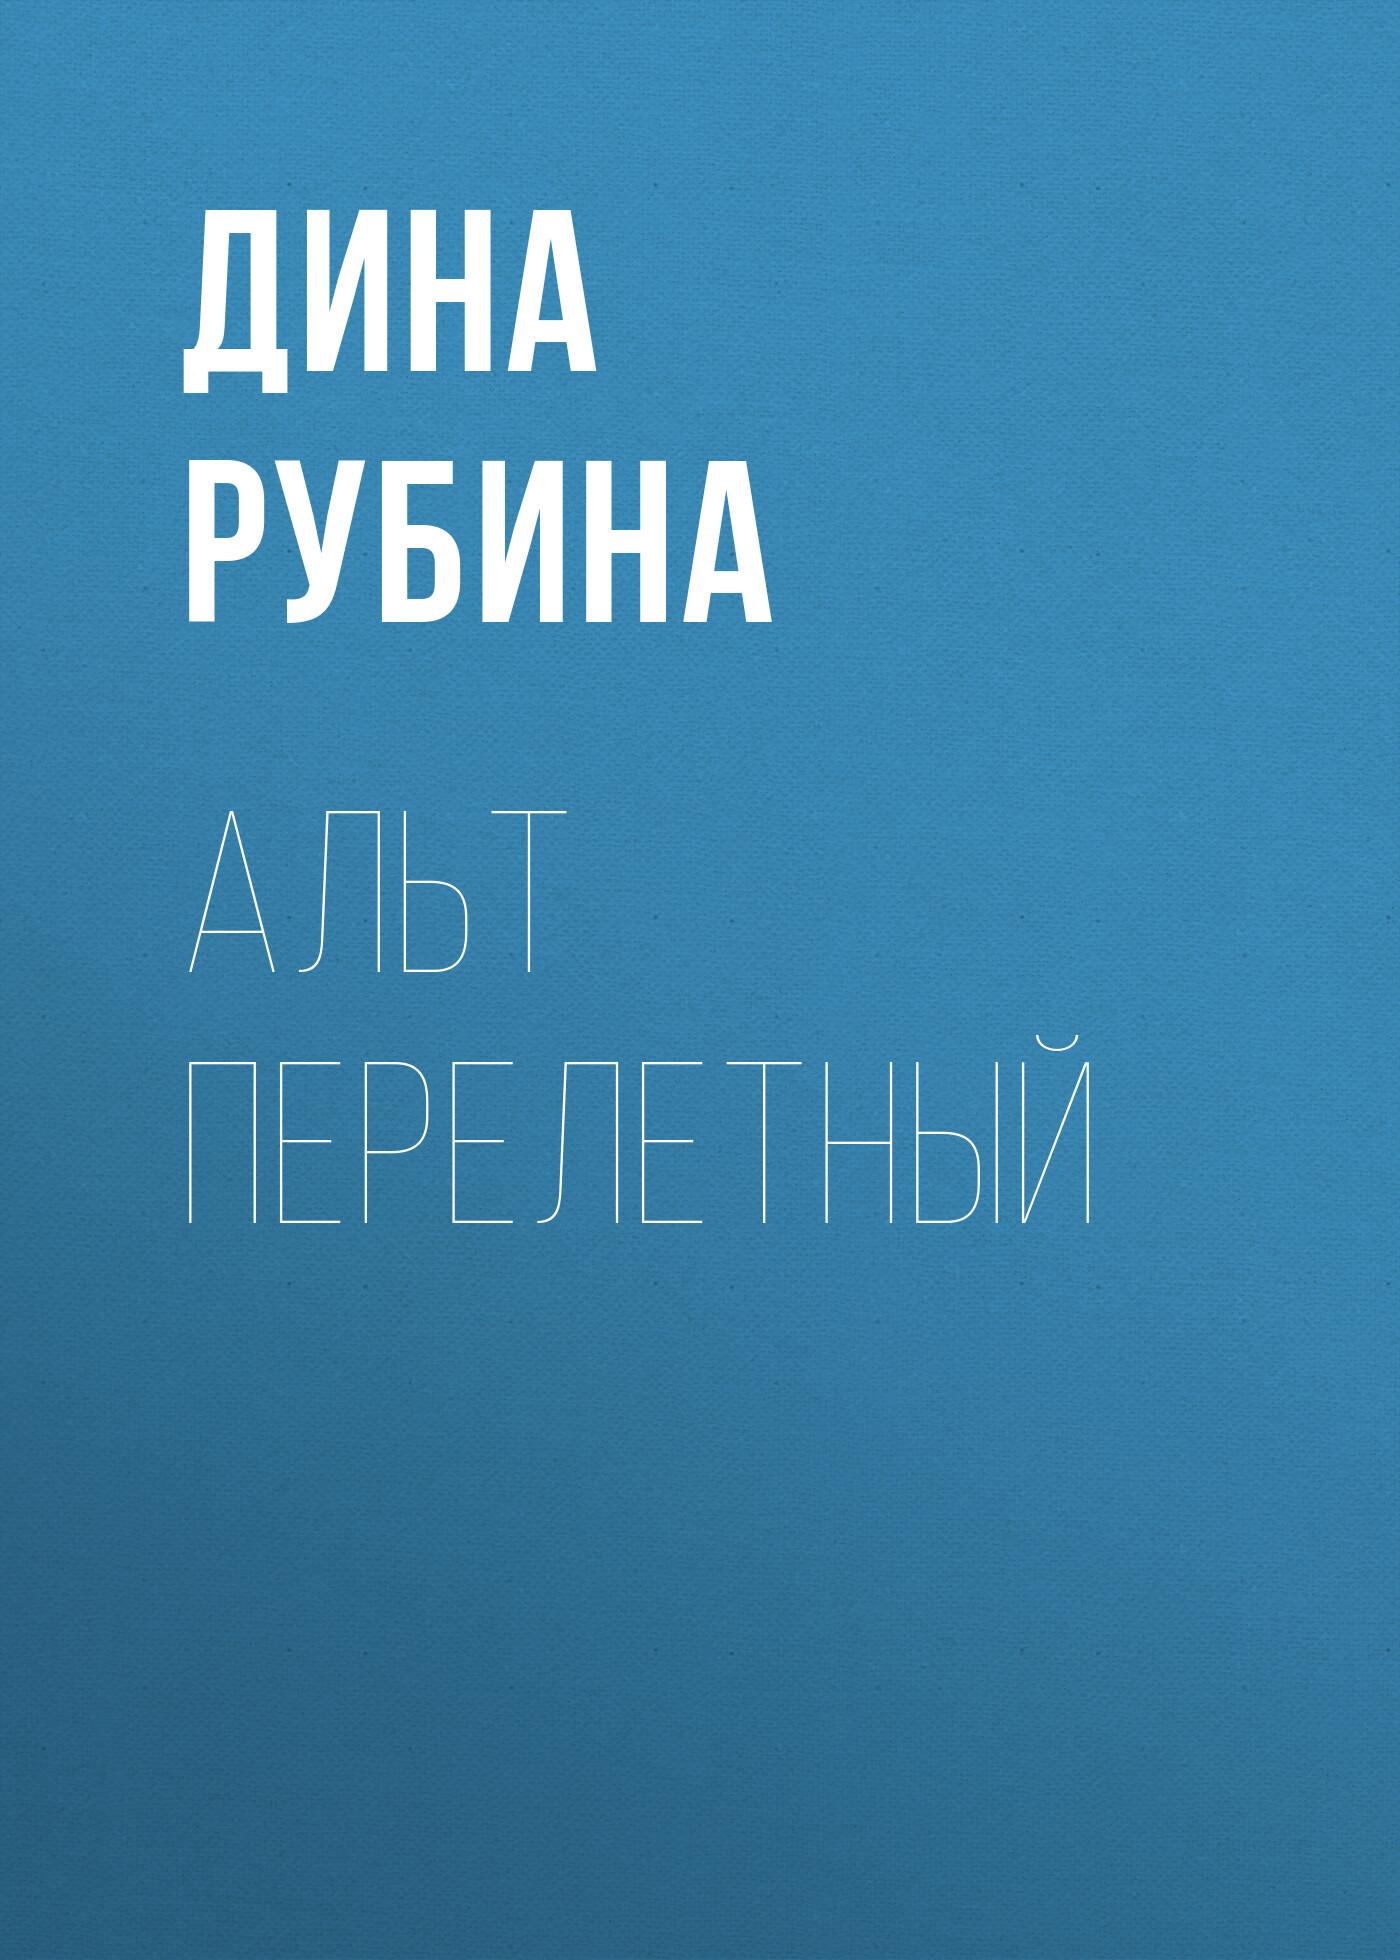 Альт перелетный (сборник)